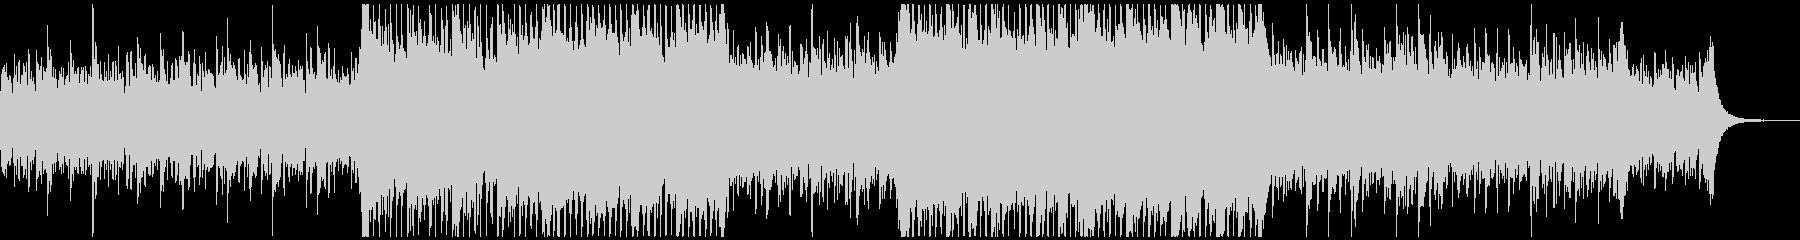 アルペジオとストリングスの上品な4つ打ちの未再生の波形